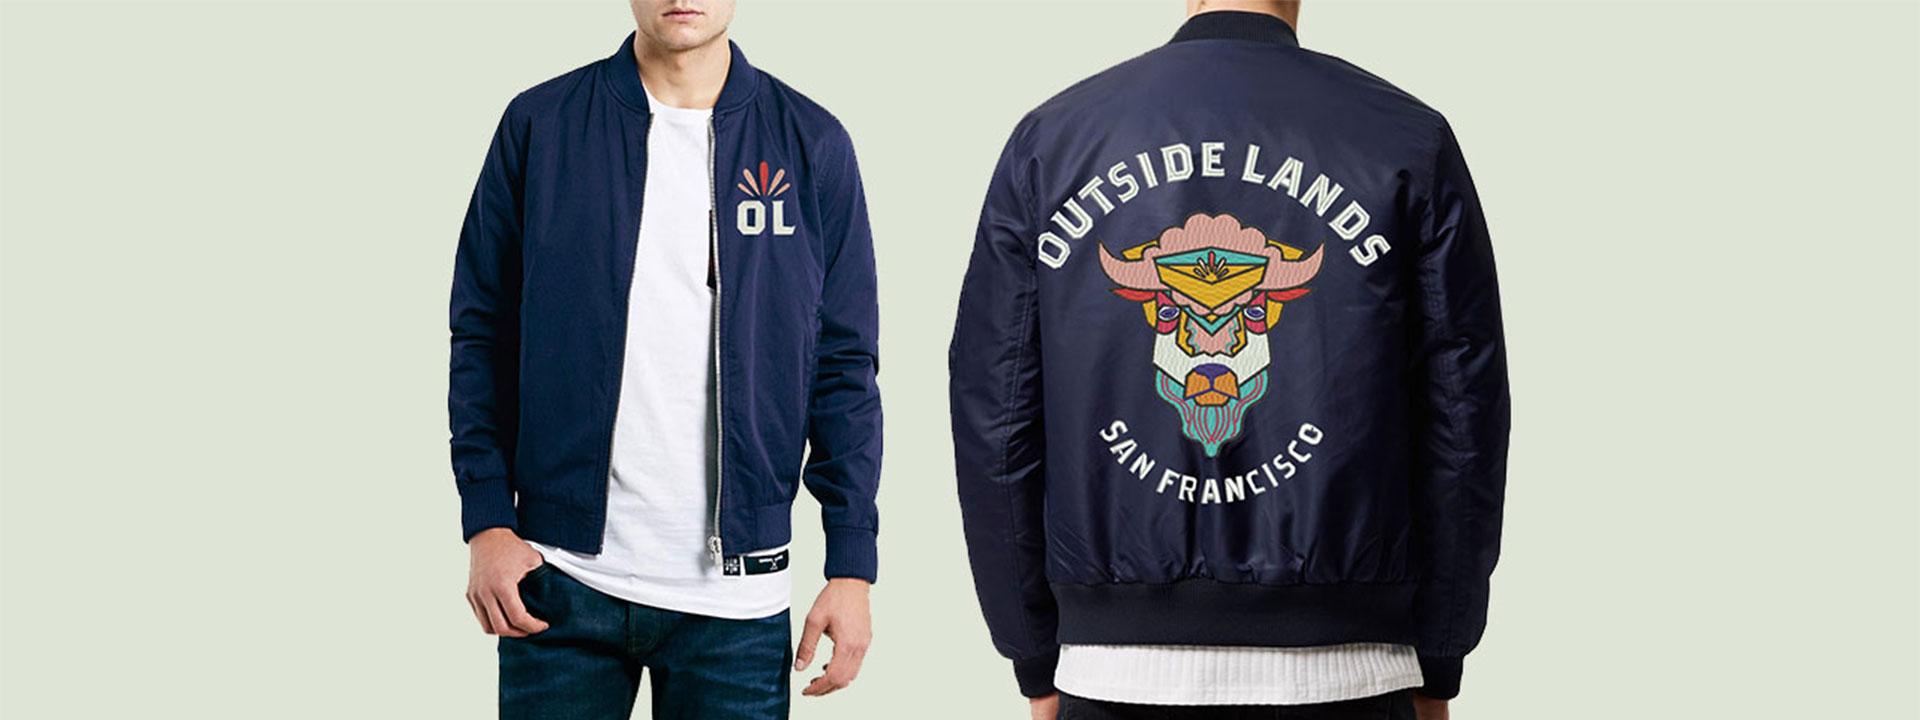 Merch_DT_OL17-jacket.jpg